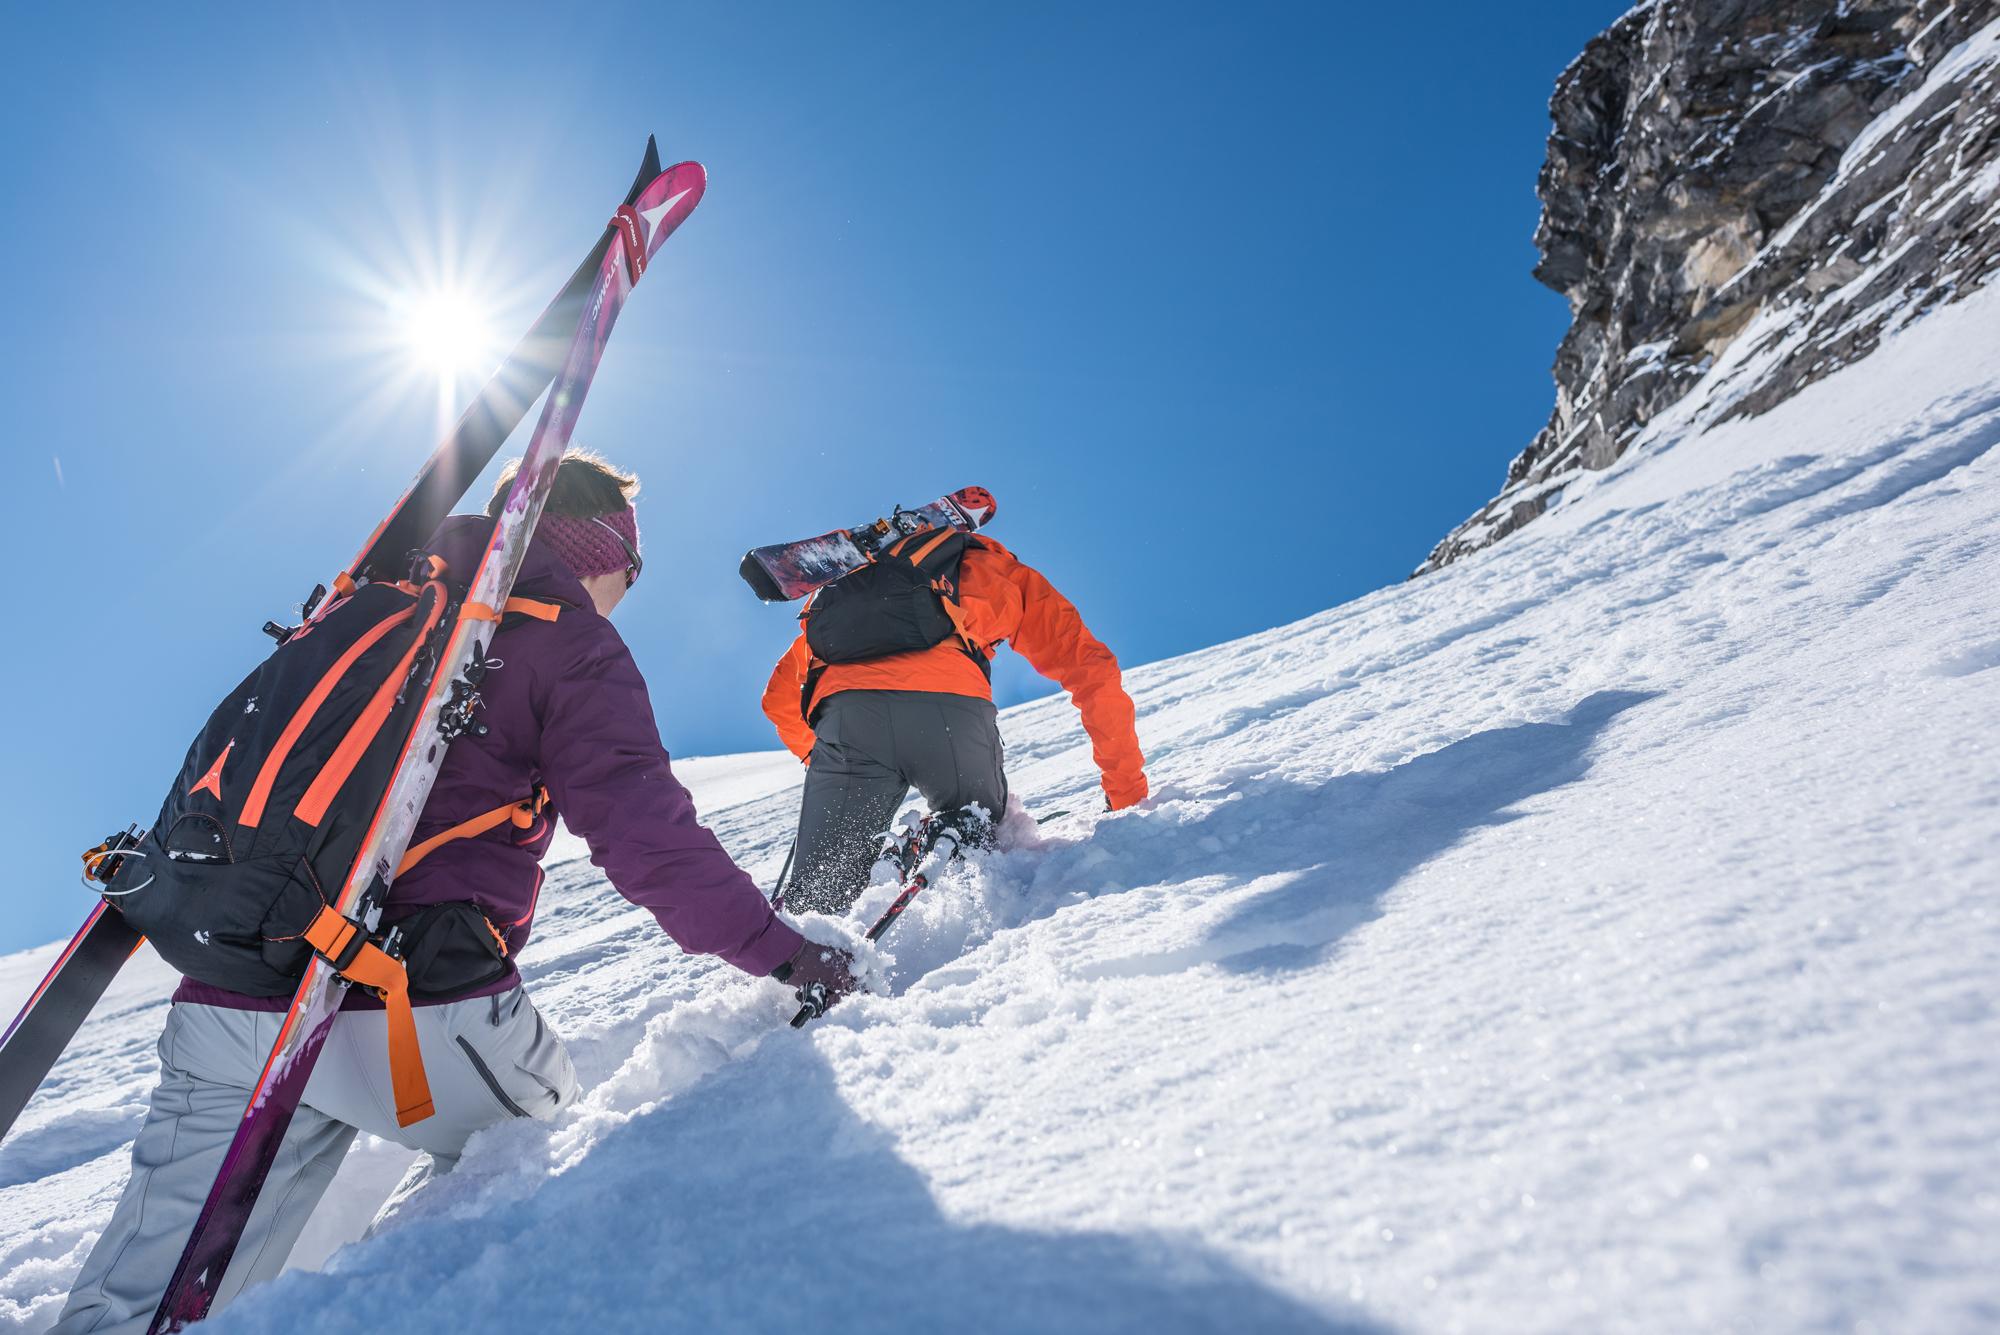 Speciale Ski Alp: Atomic